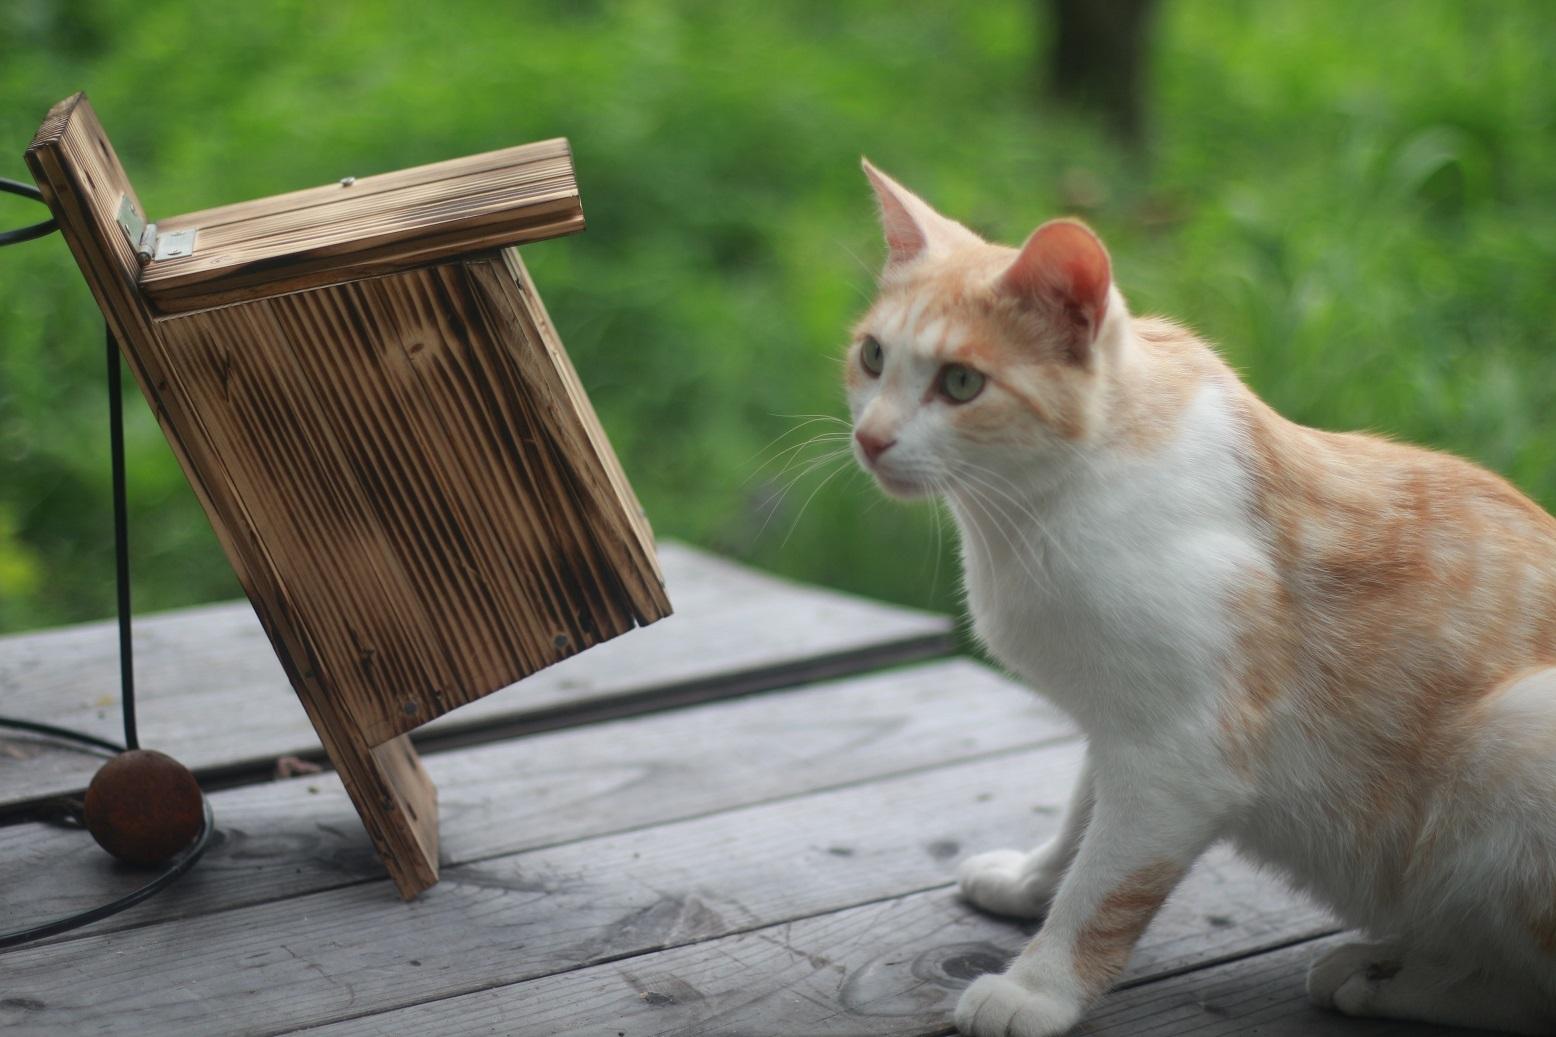 夏休みの工作 小鳥の巣箱作り_d0155147_11545916.jpg